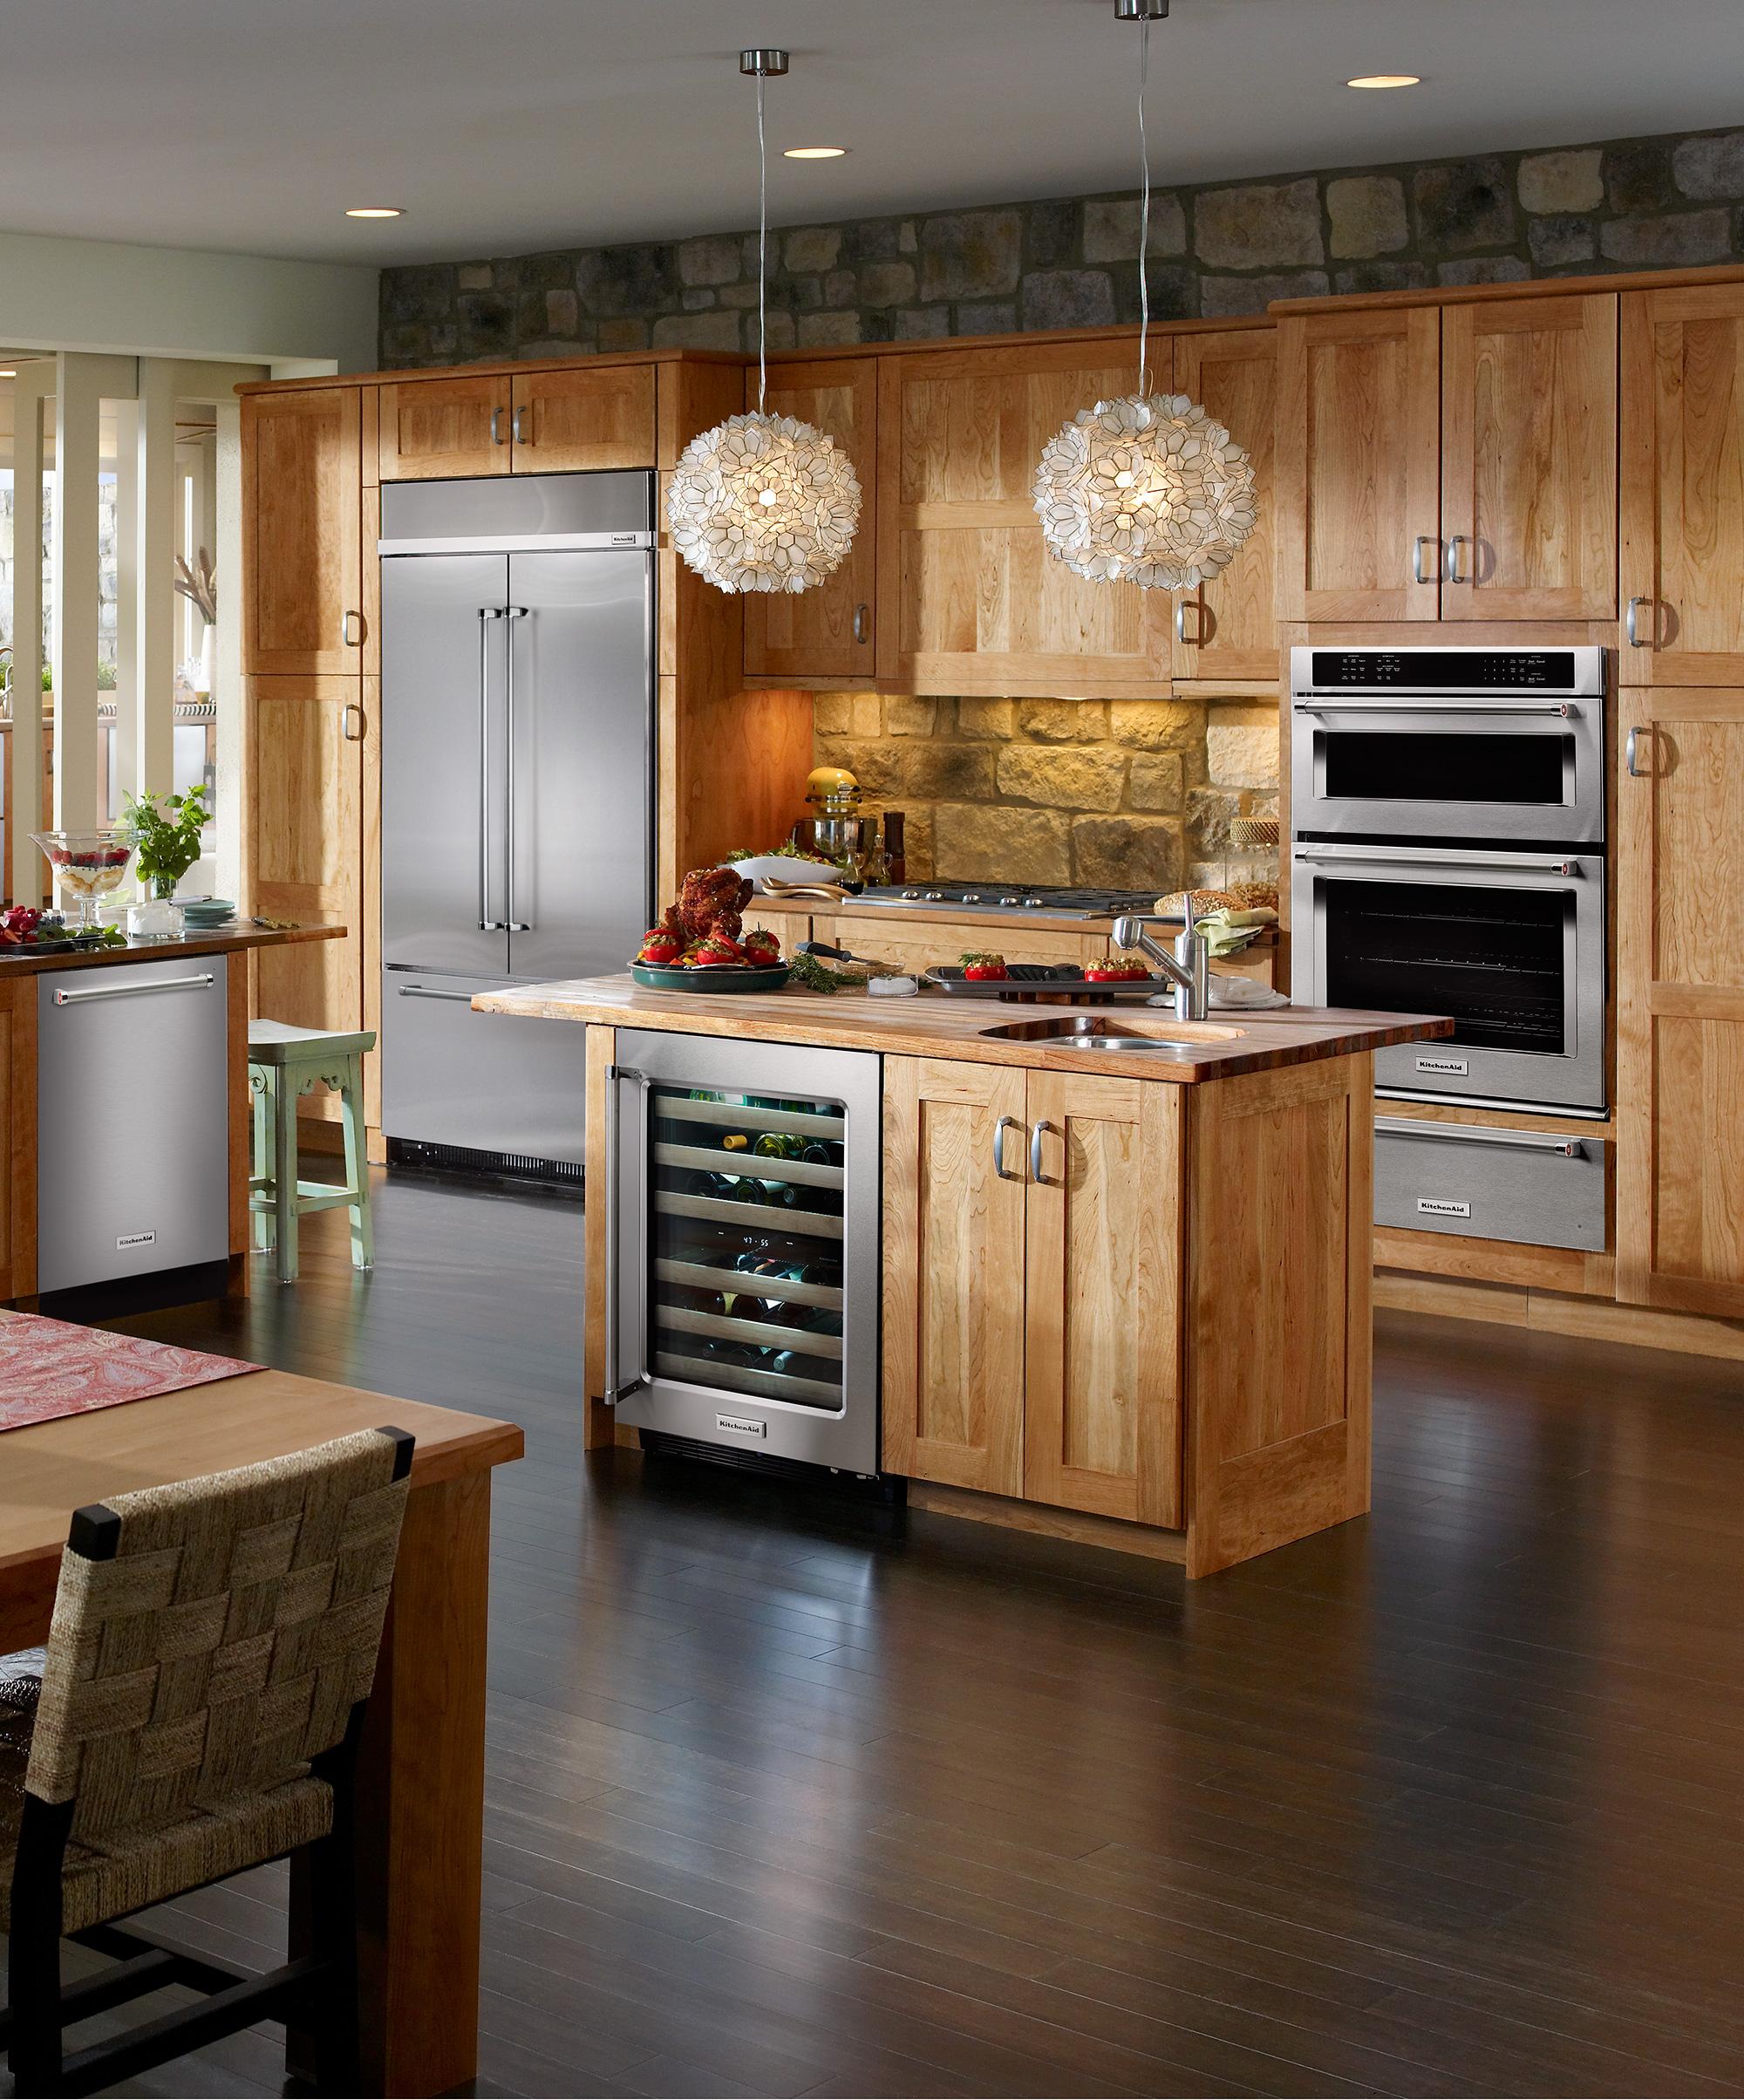 Elegant KitchenAid Kitchens